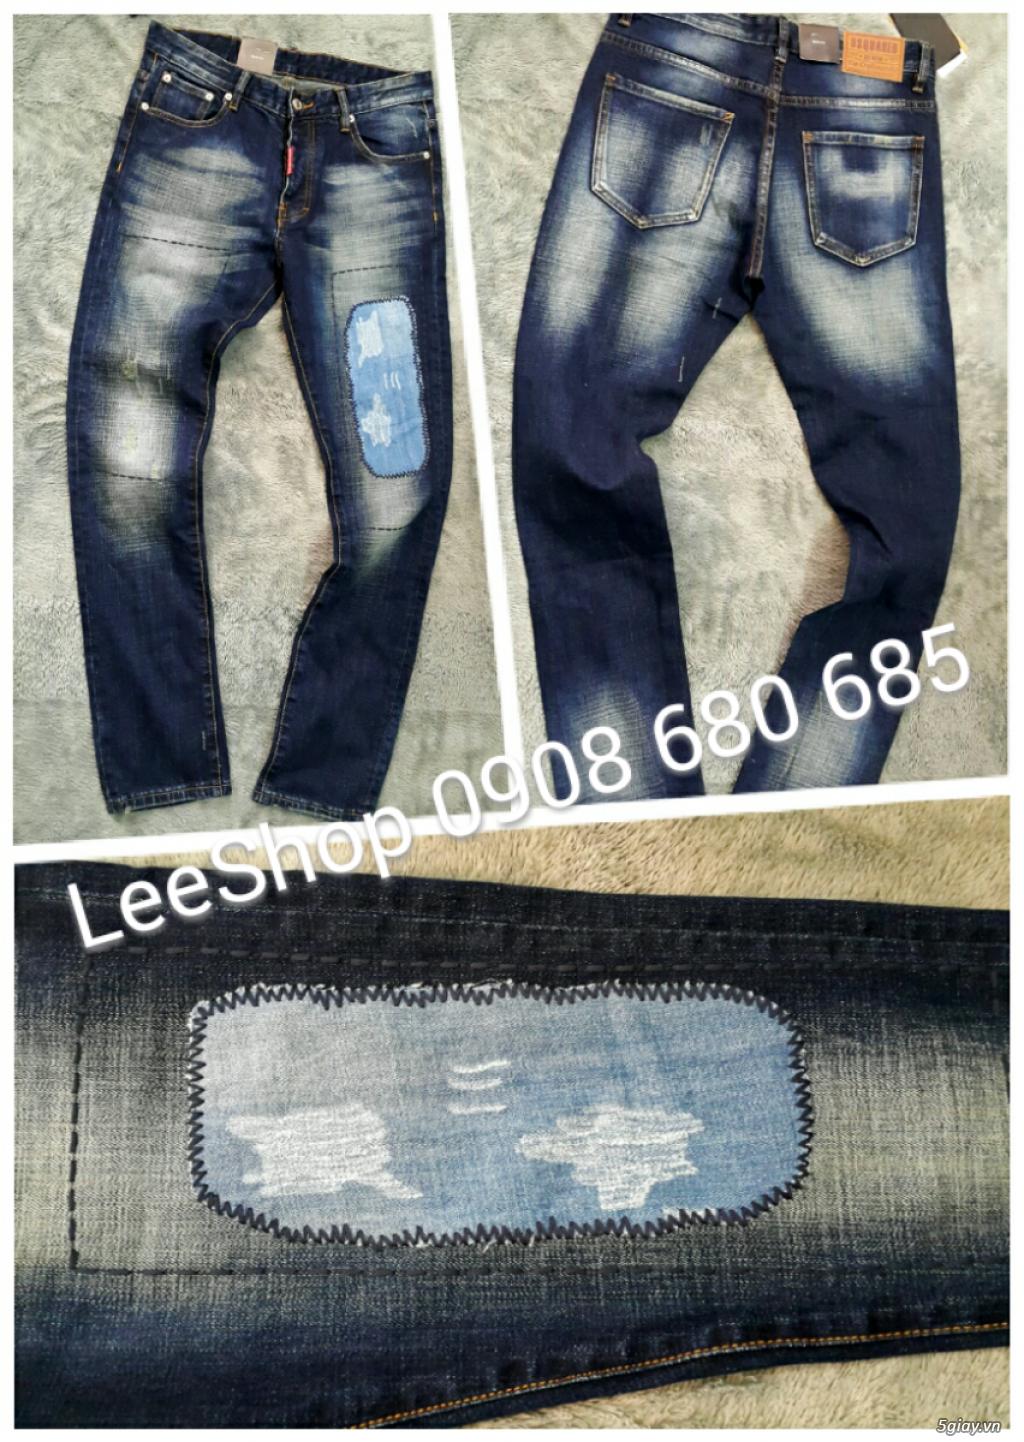 LeeShop_Chuyên quần áo thời trang - 25